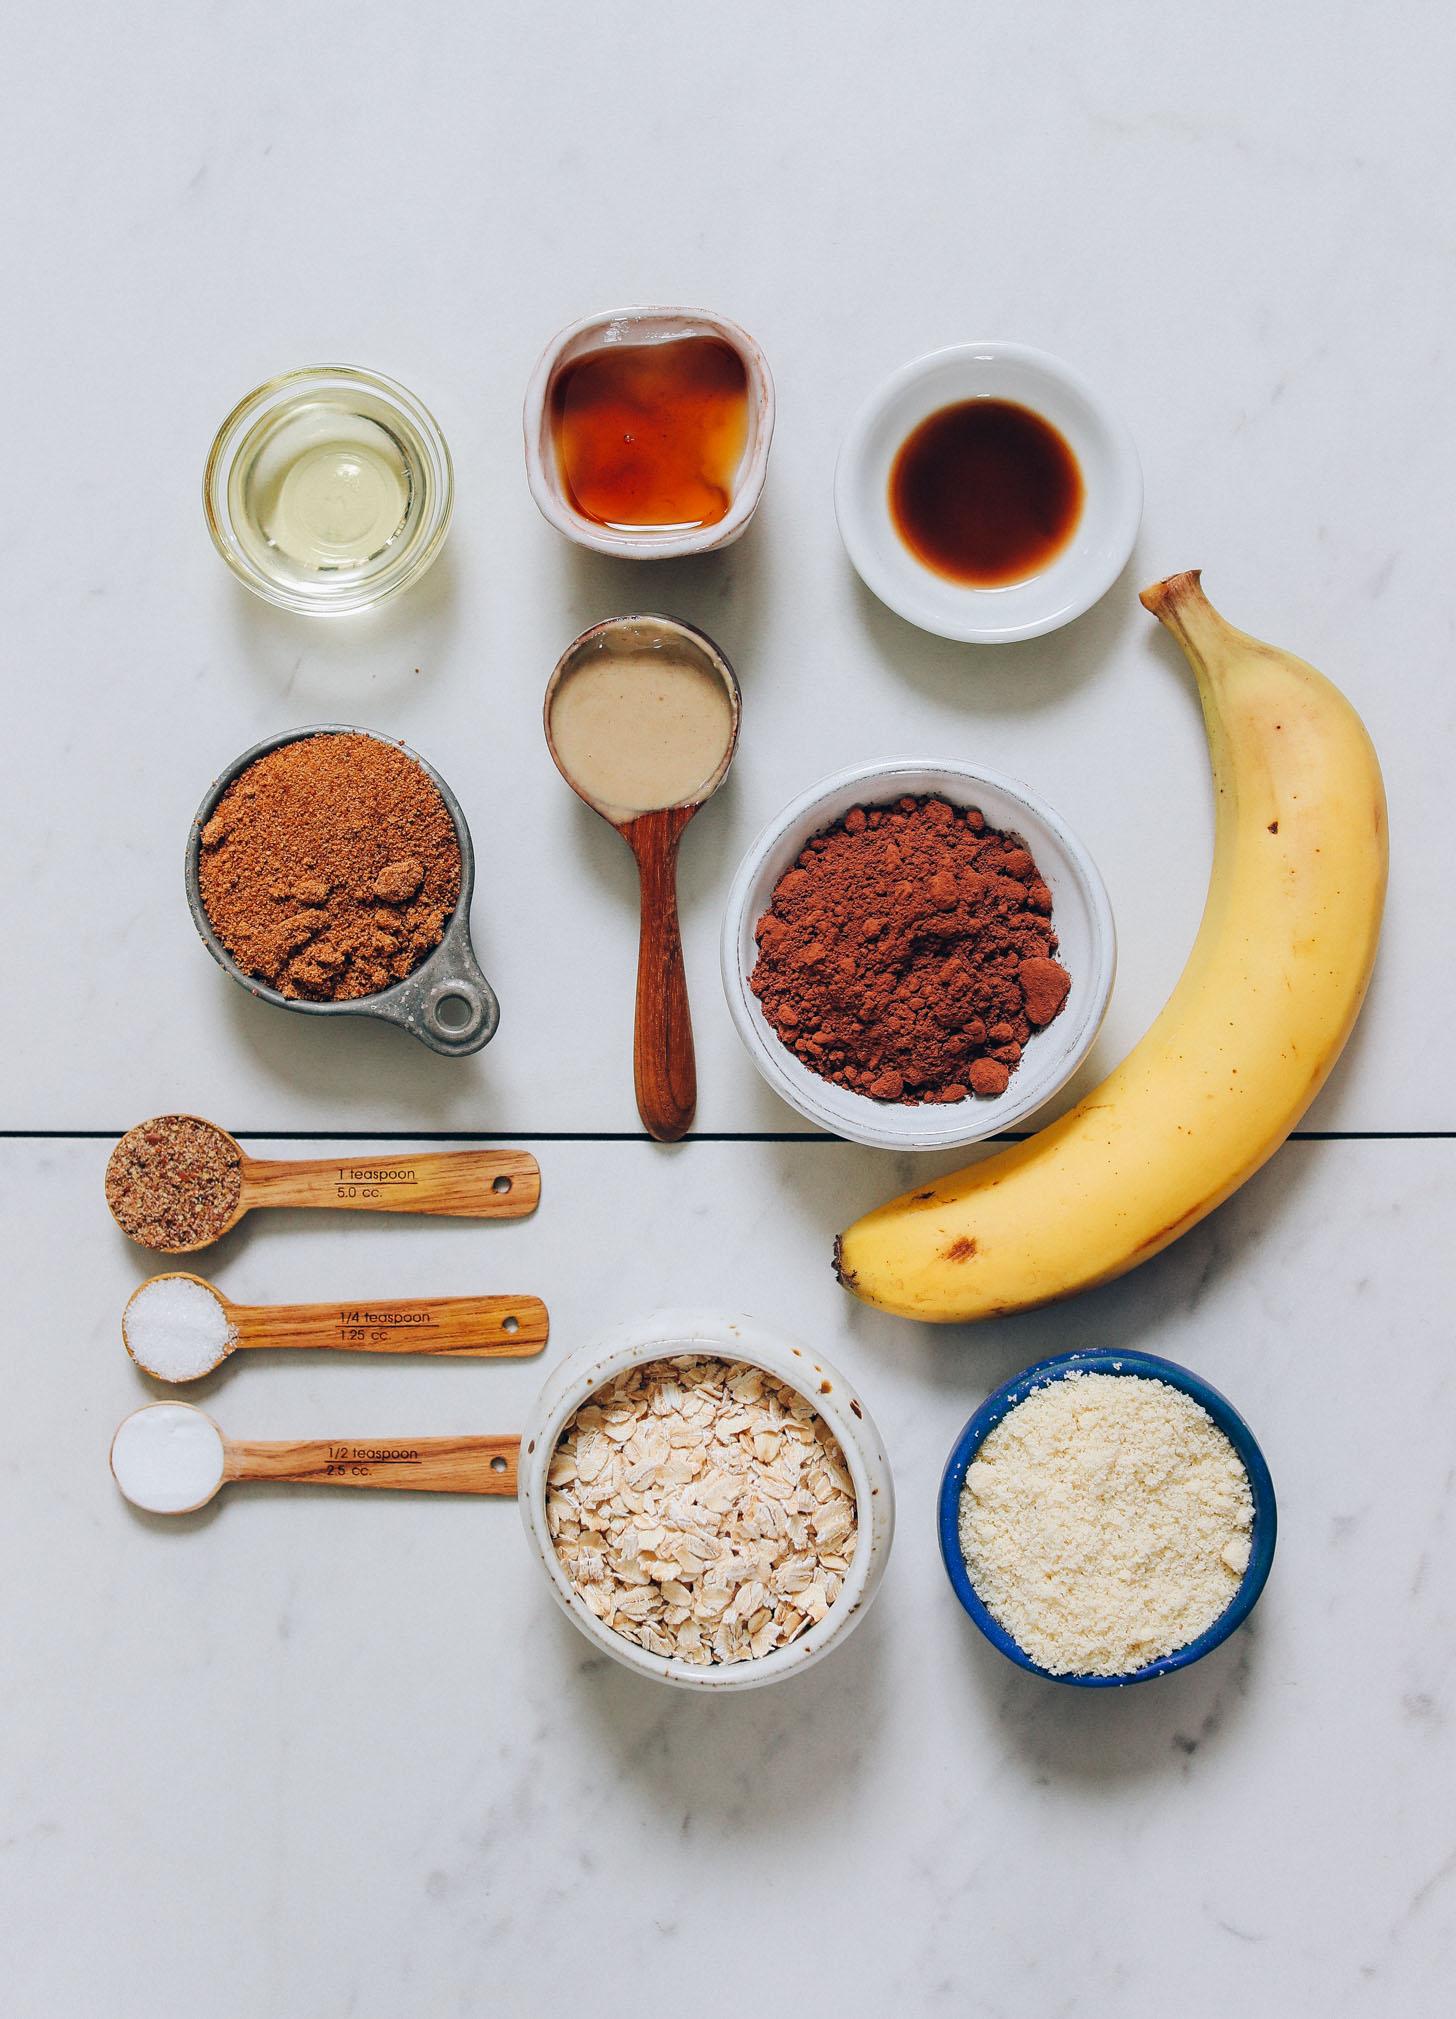 Plátano, harina de almendras, avena, cacao en polvo, azúcar de coco, jarabe de arce y otros ingredientes para hacer muffins de chocolate y plátano